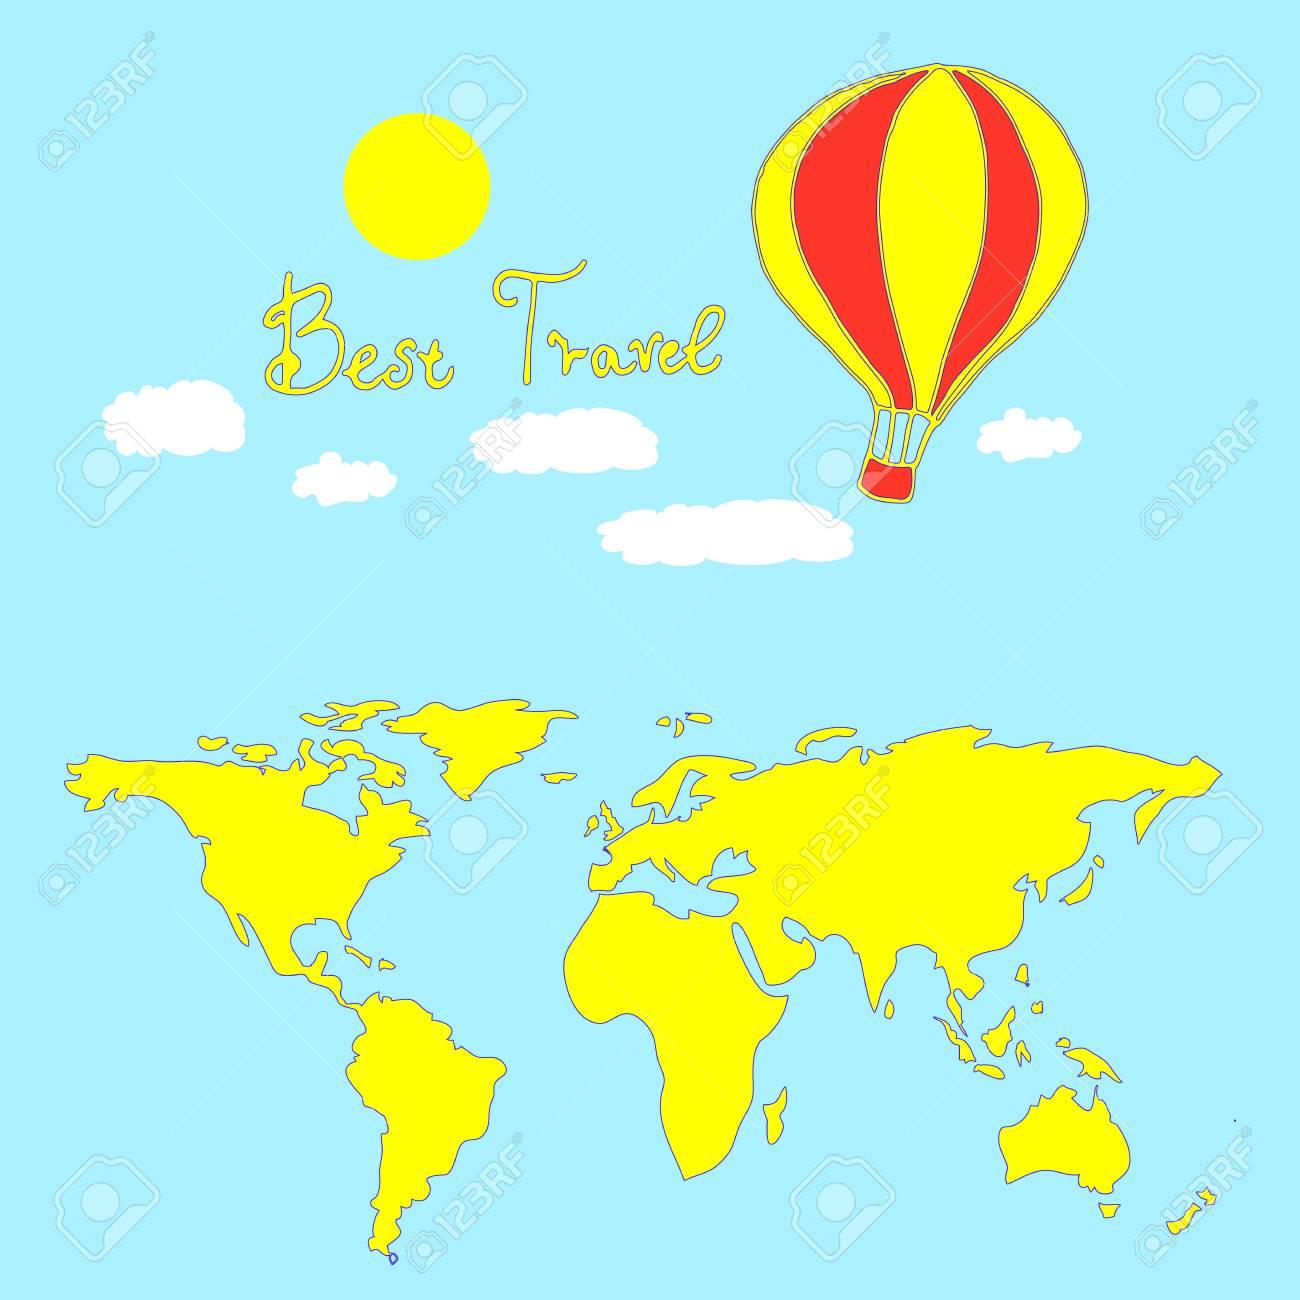 Meilleure Carte De Voyage Fond Céleste Isolé Illustration Vectorielle Dune Carte De Dessin Animé Ballon Et Monde Dessiné à La Main Pages De